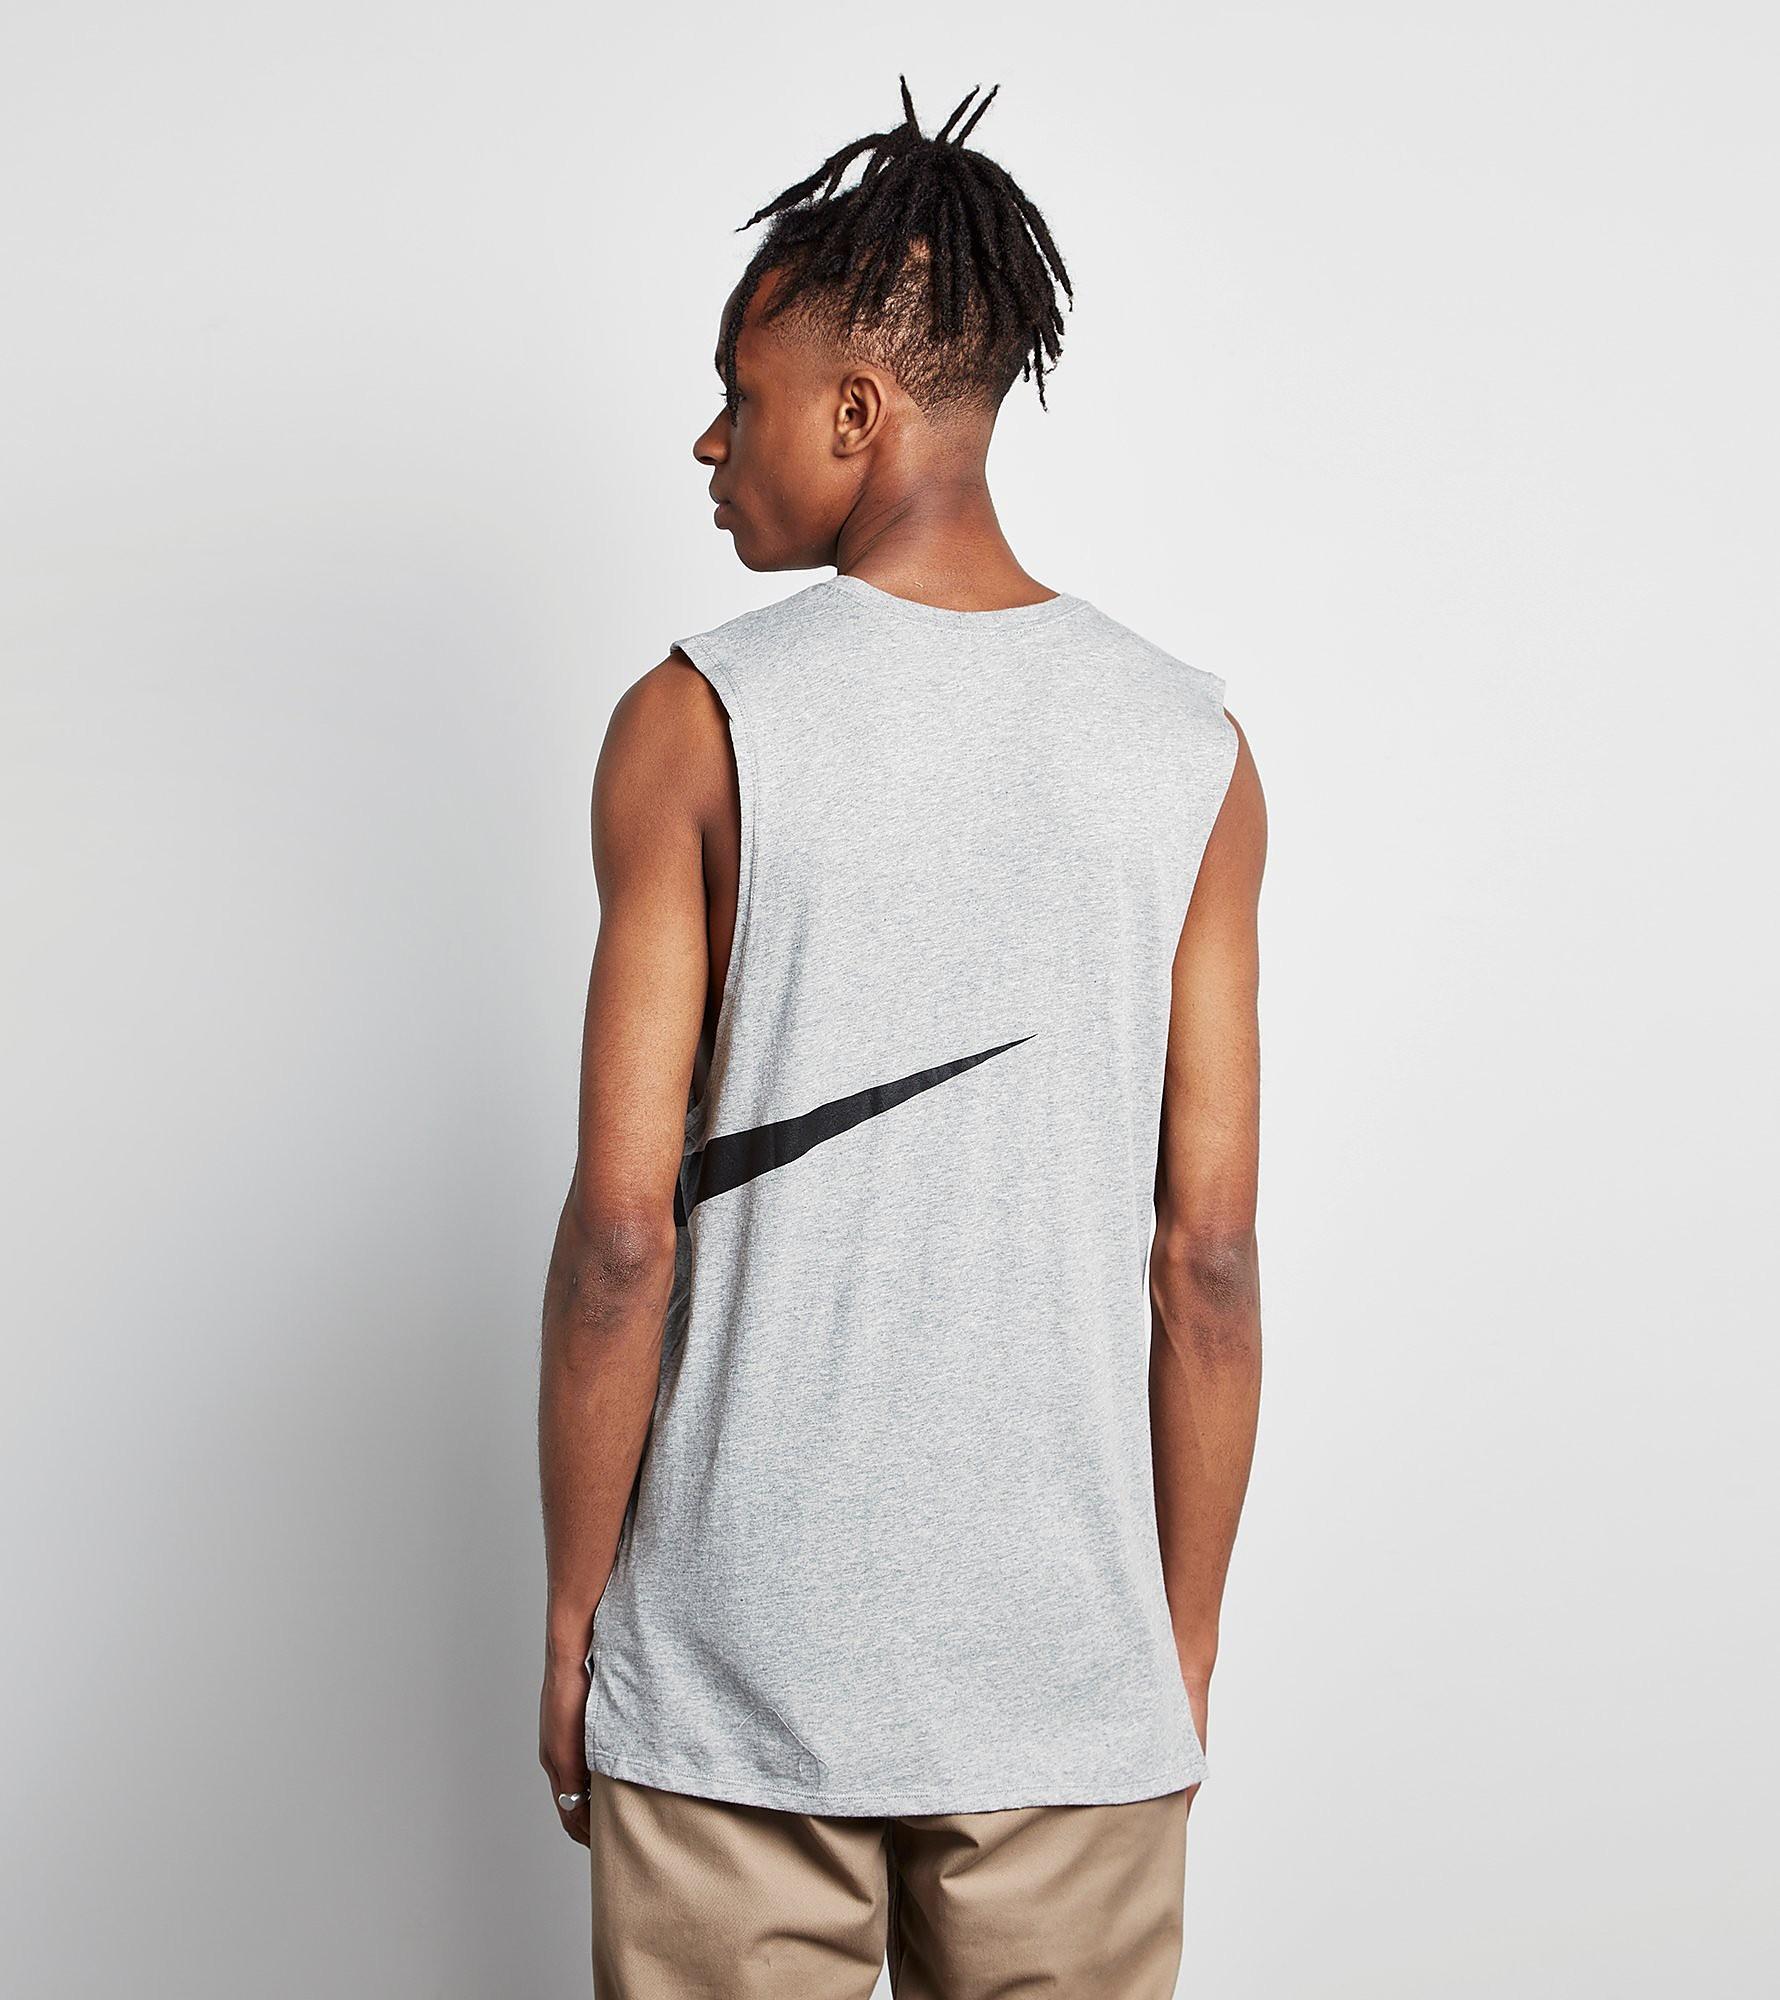 Nike Swoosh Tank